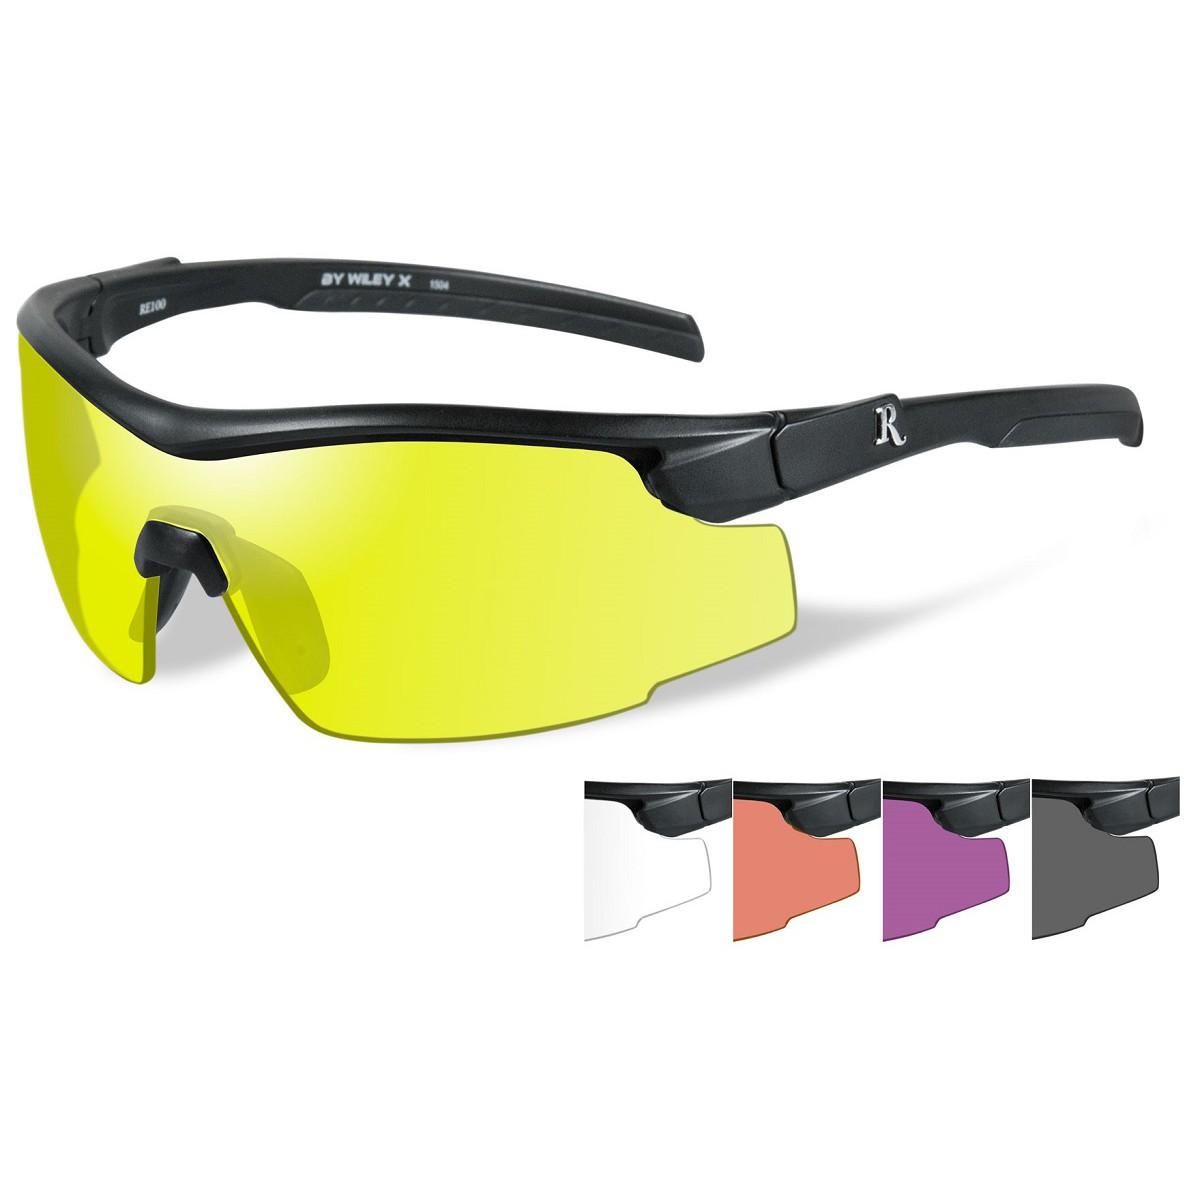 Remington RE105 Shooting Glasses Kit - Black Frame - Five ...